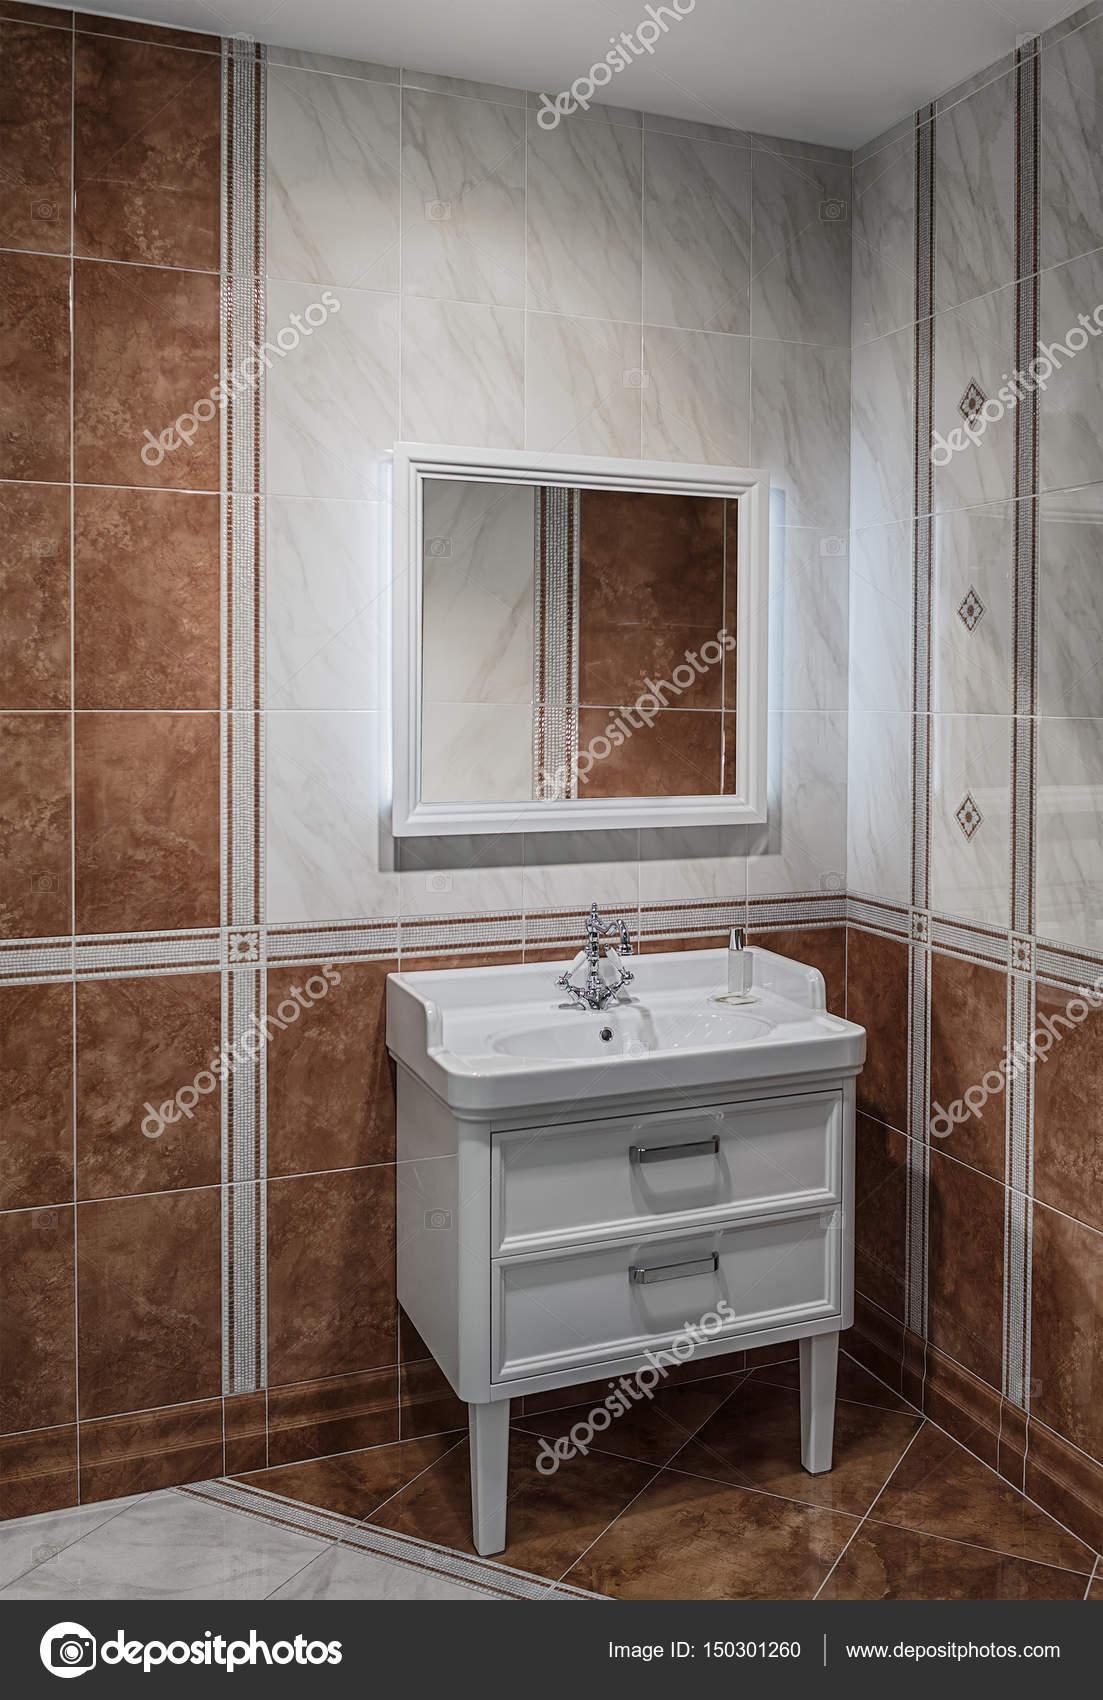 Badezimmer Interieur In Brauntönen Mit Einem Waschbecken Und Einem